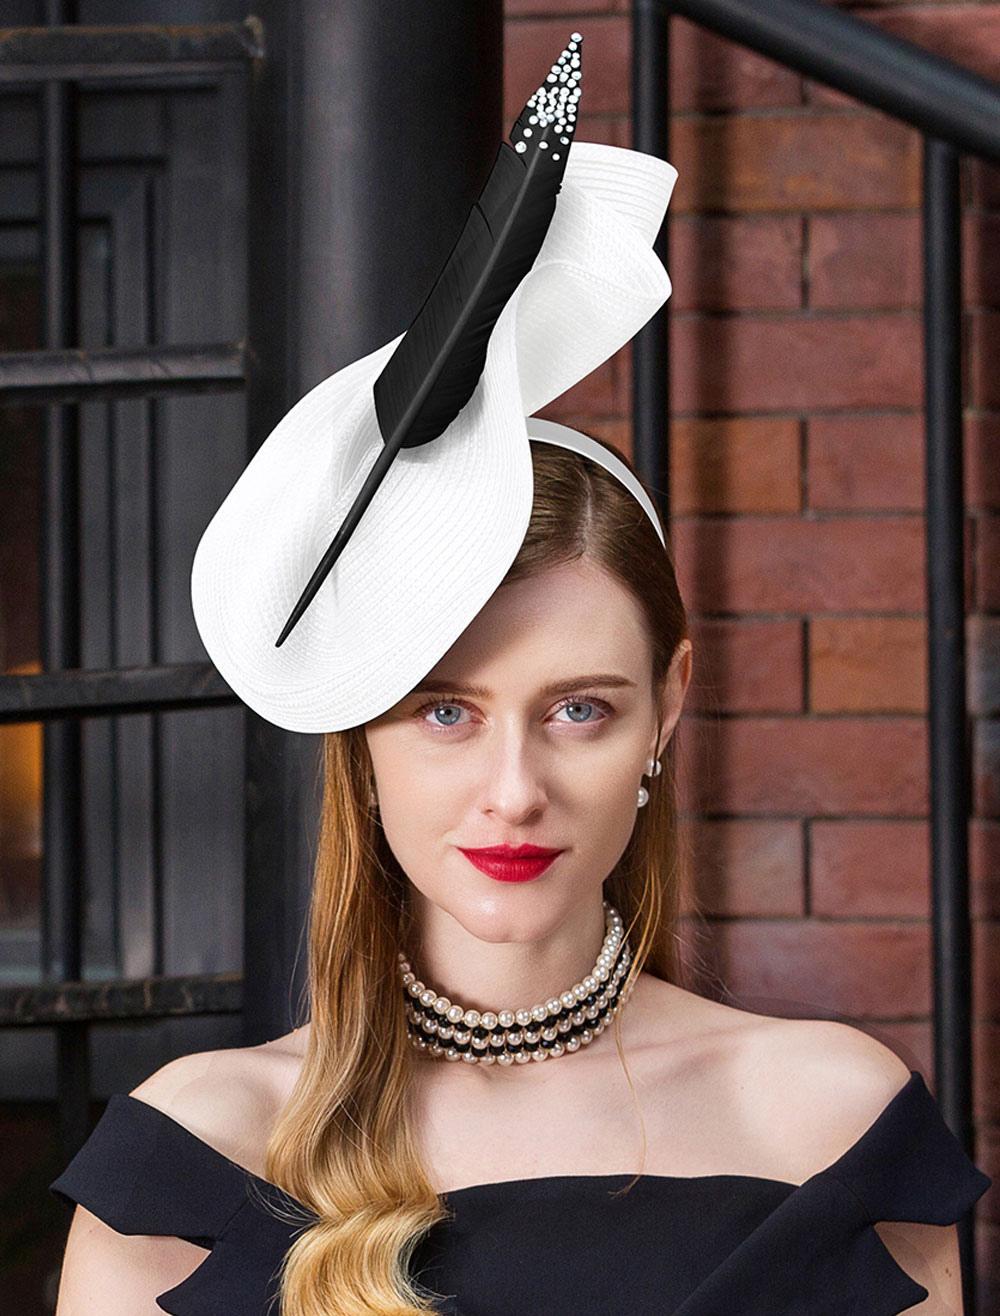 b34977cd1a0e1 ... رمادي قبعة أغطية للرأس الملكي أغطية للرأس هالوين ريترو الشعر زينة  الشعر-No.6 ...